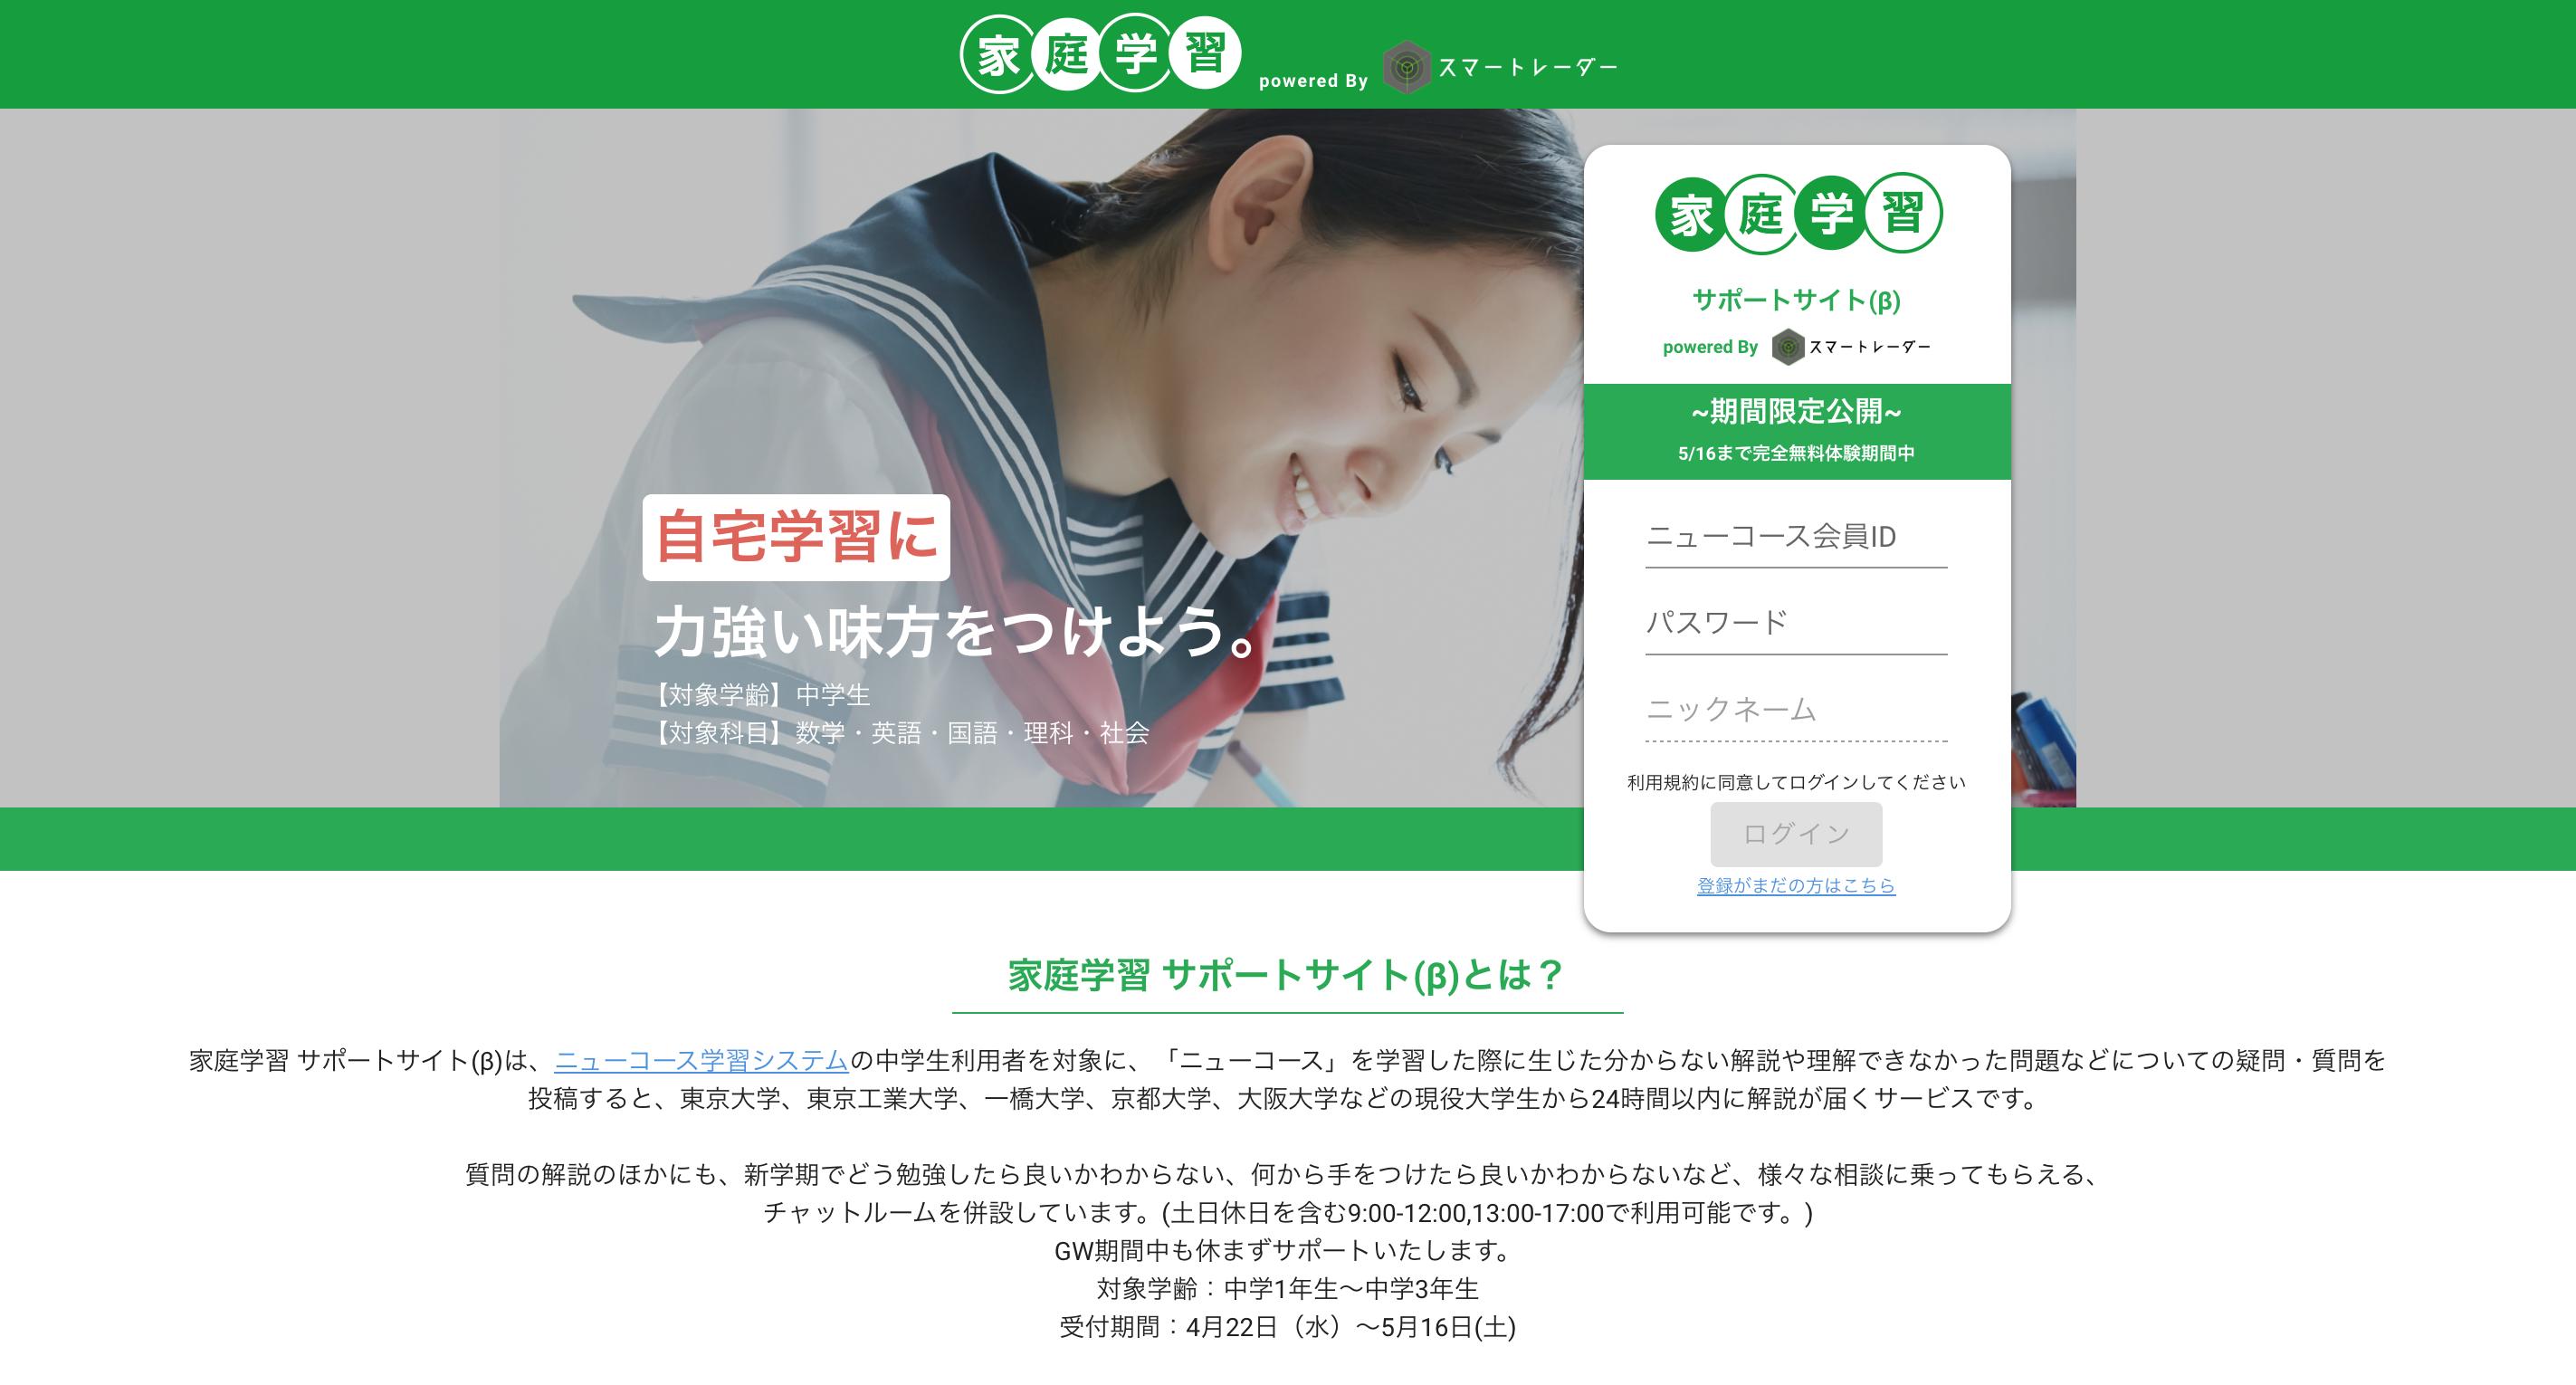 【Gakken家庭学習応援プロジェクト】中学生向け『家庭学習サポートサイト(β)』のサービスを期間限定で無償提供!